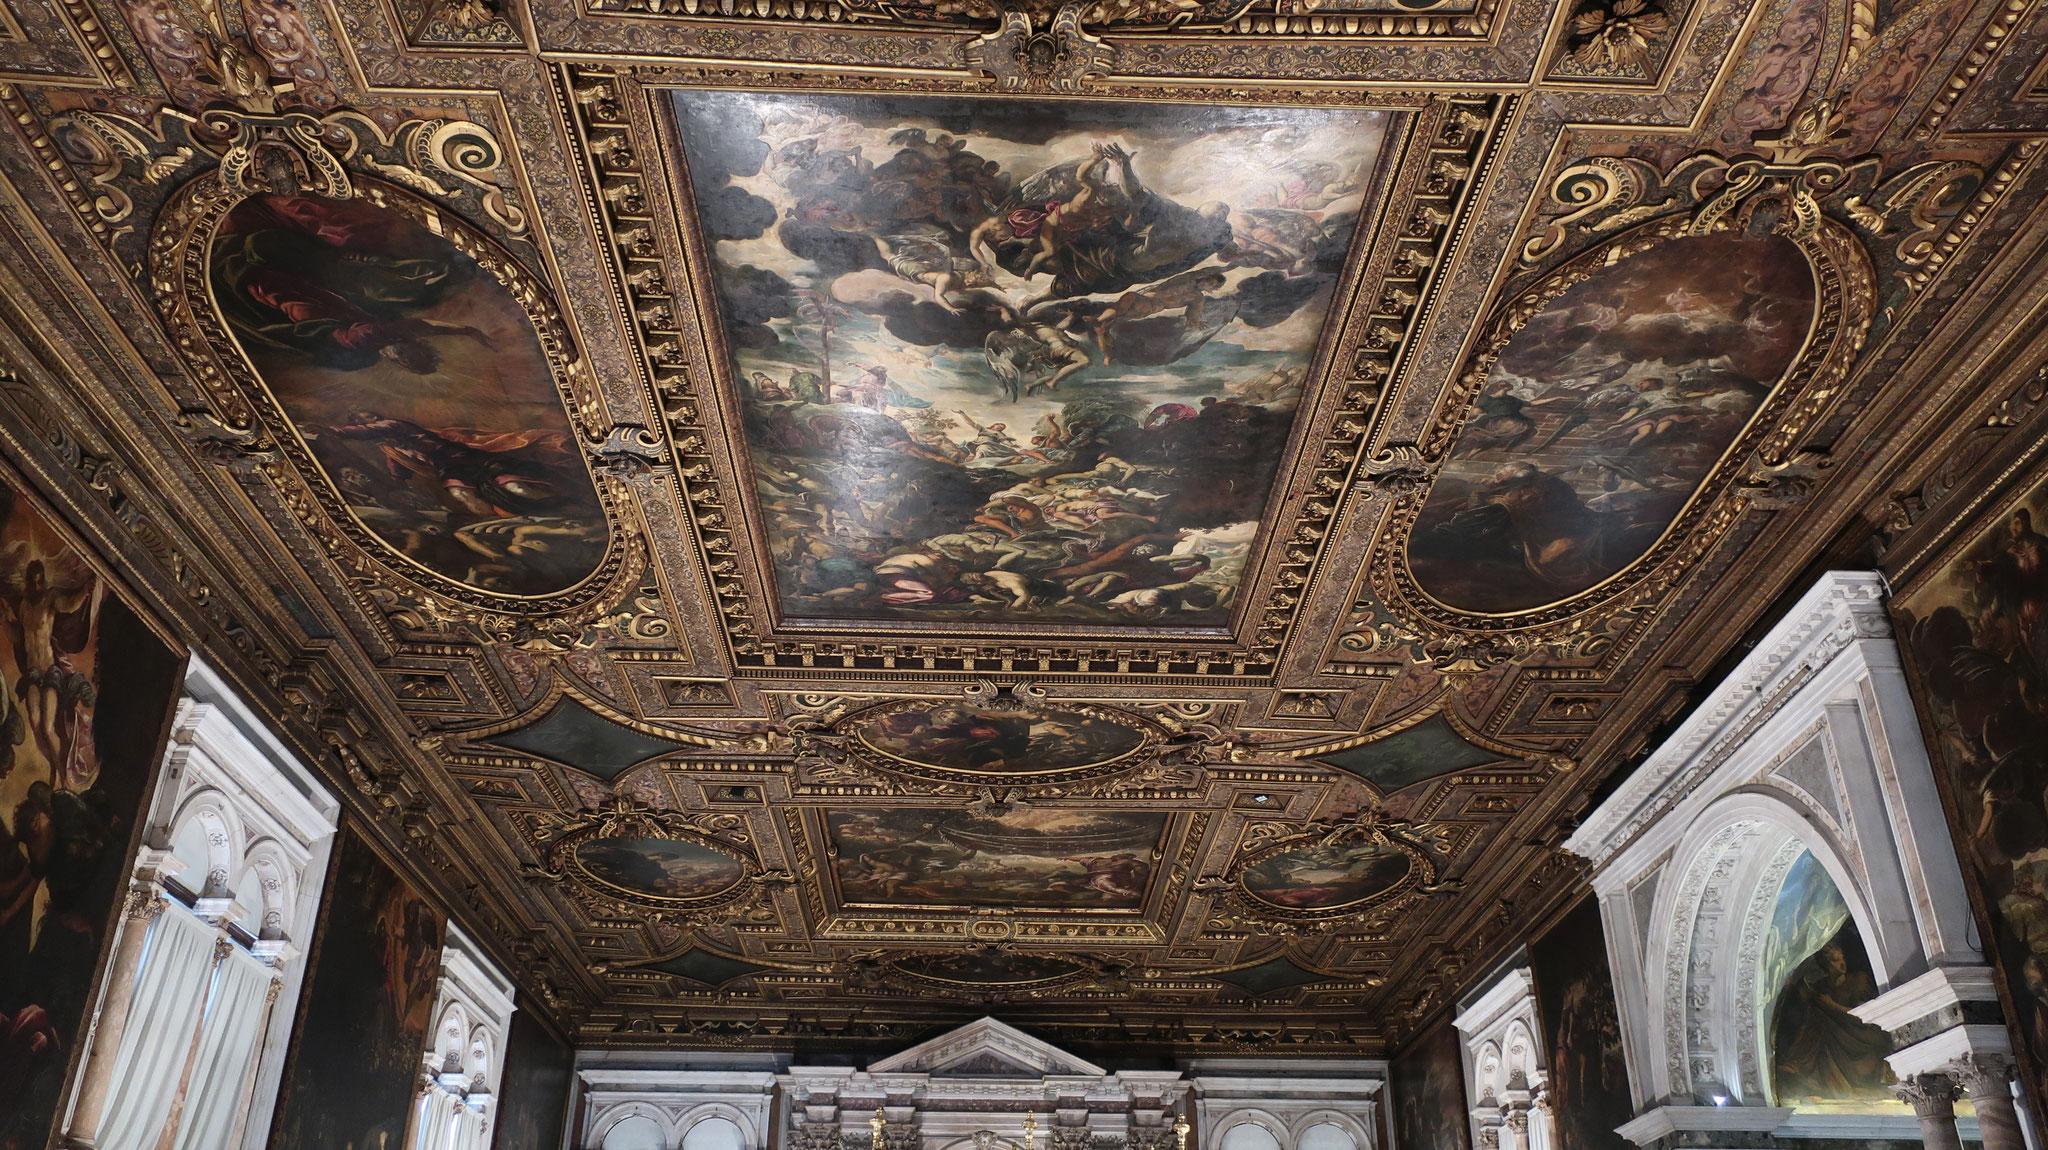 天井には、旧約聖書から題材を取ったティントレットの迫力ある作品がギッシリです。